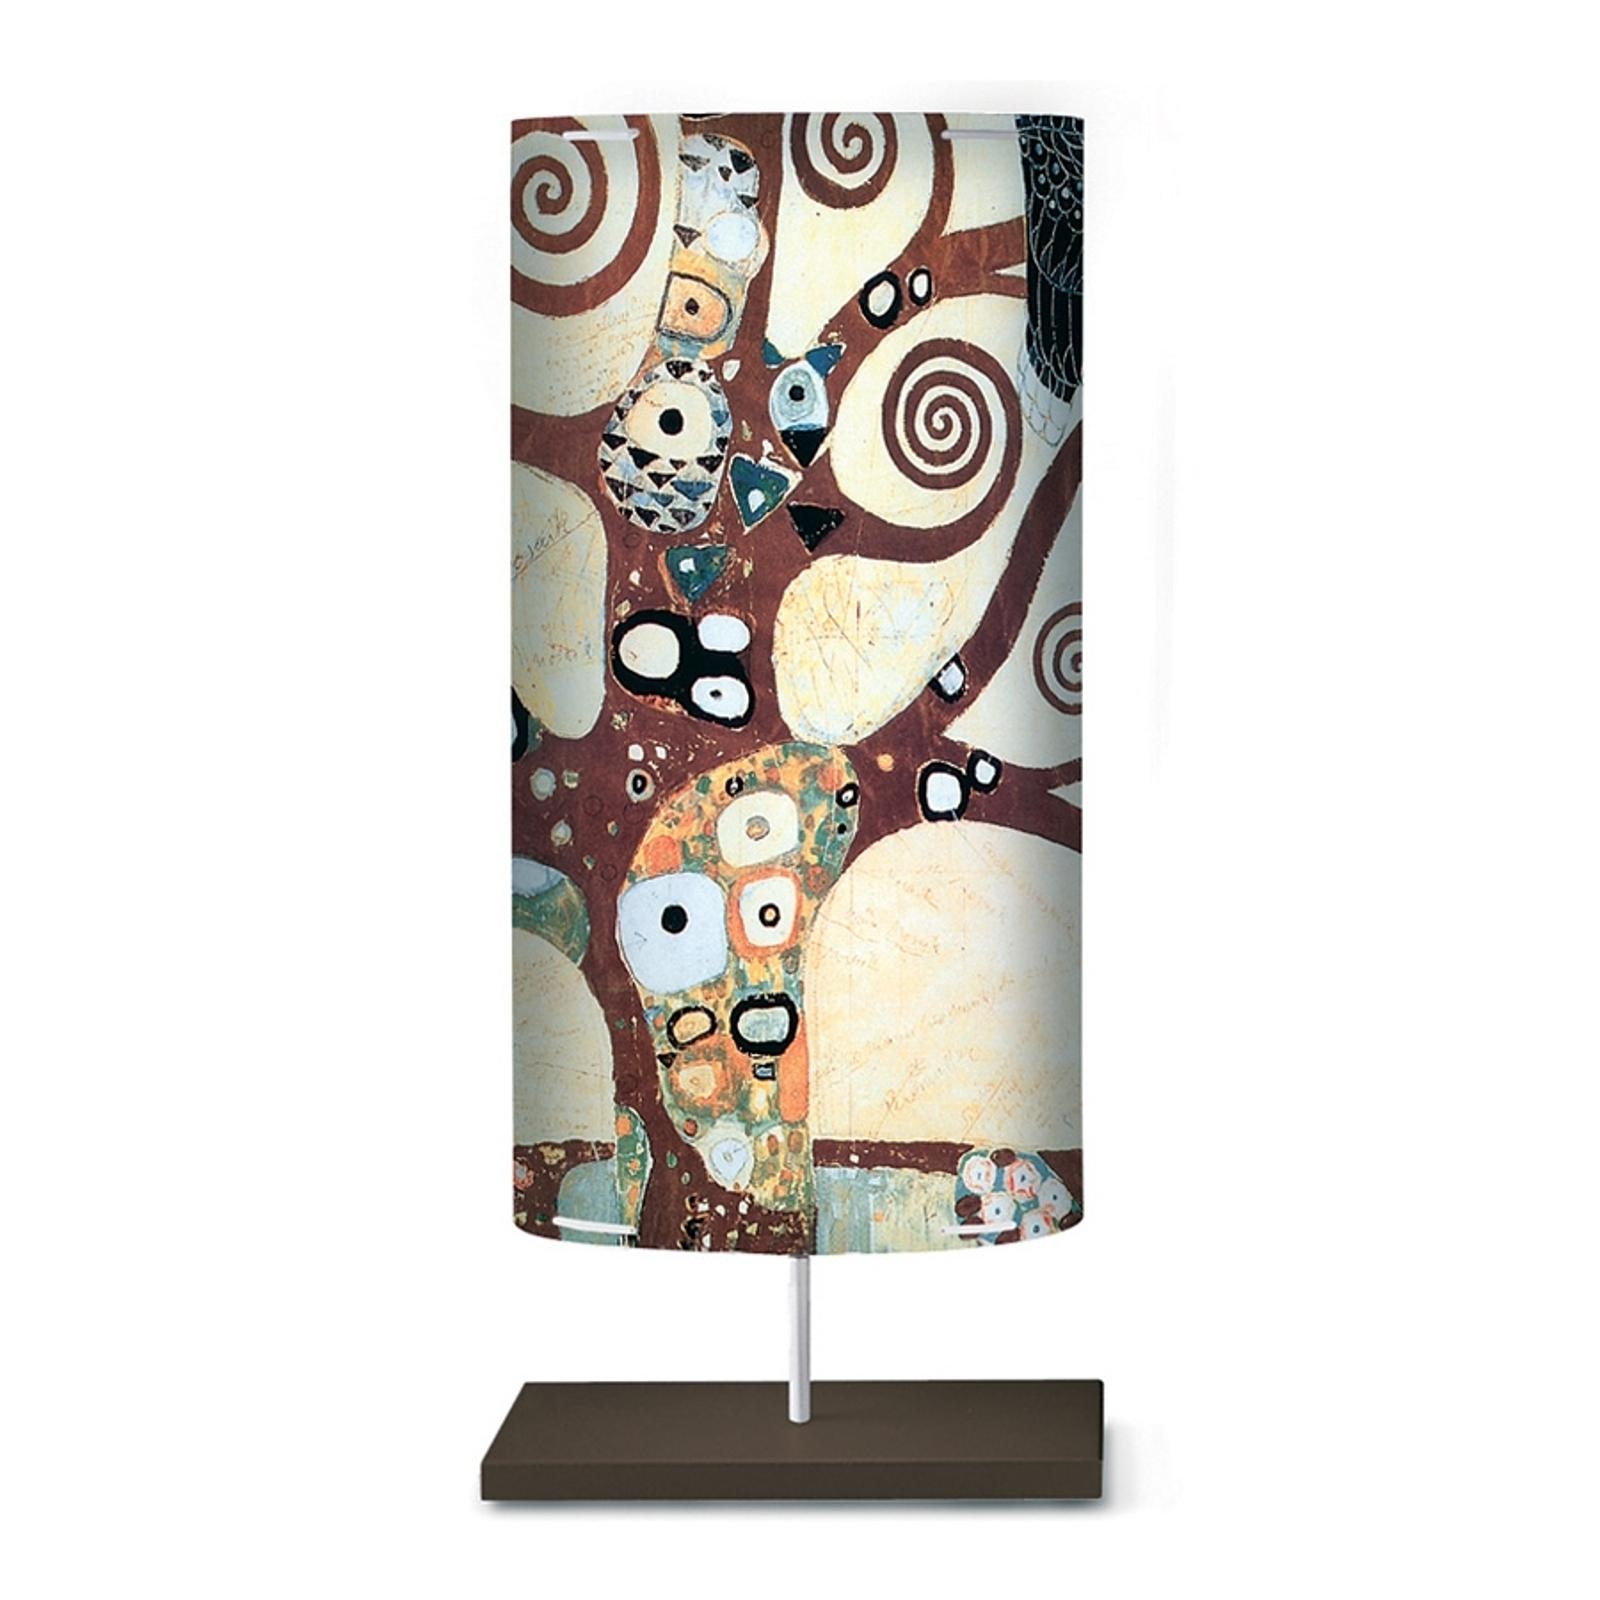 Lampa stojąca Klimt I z artystycznym motywem